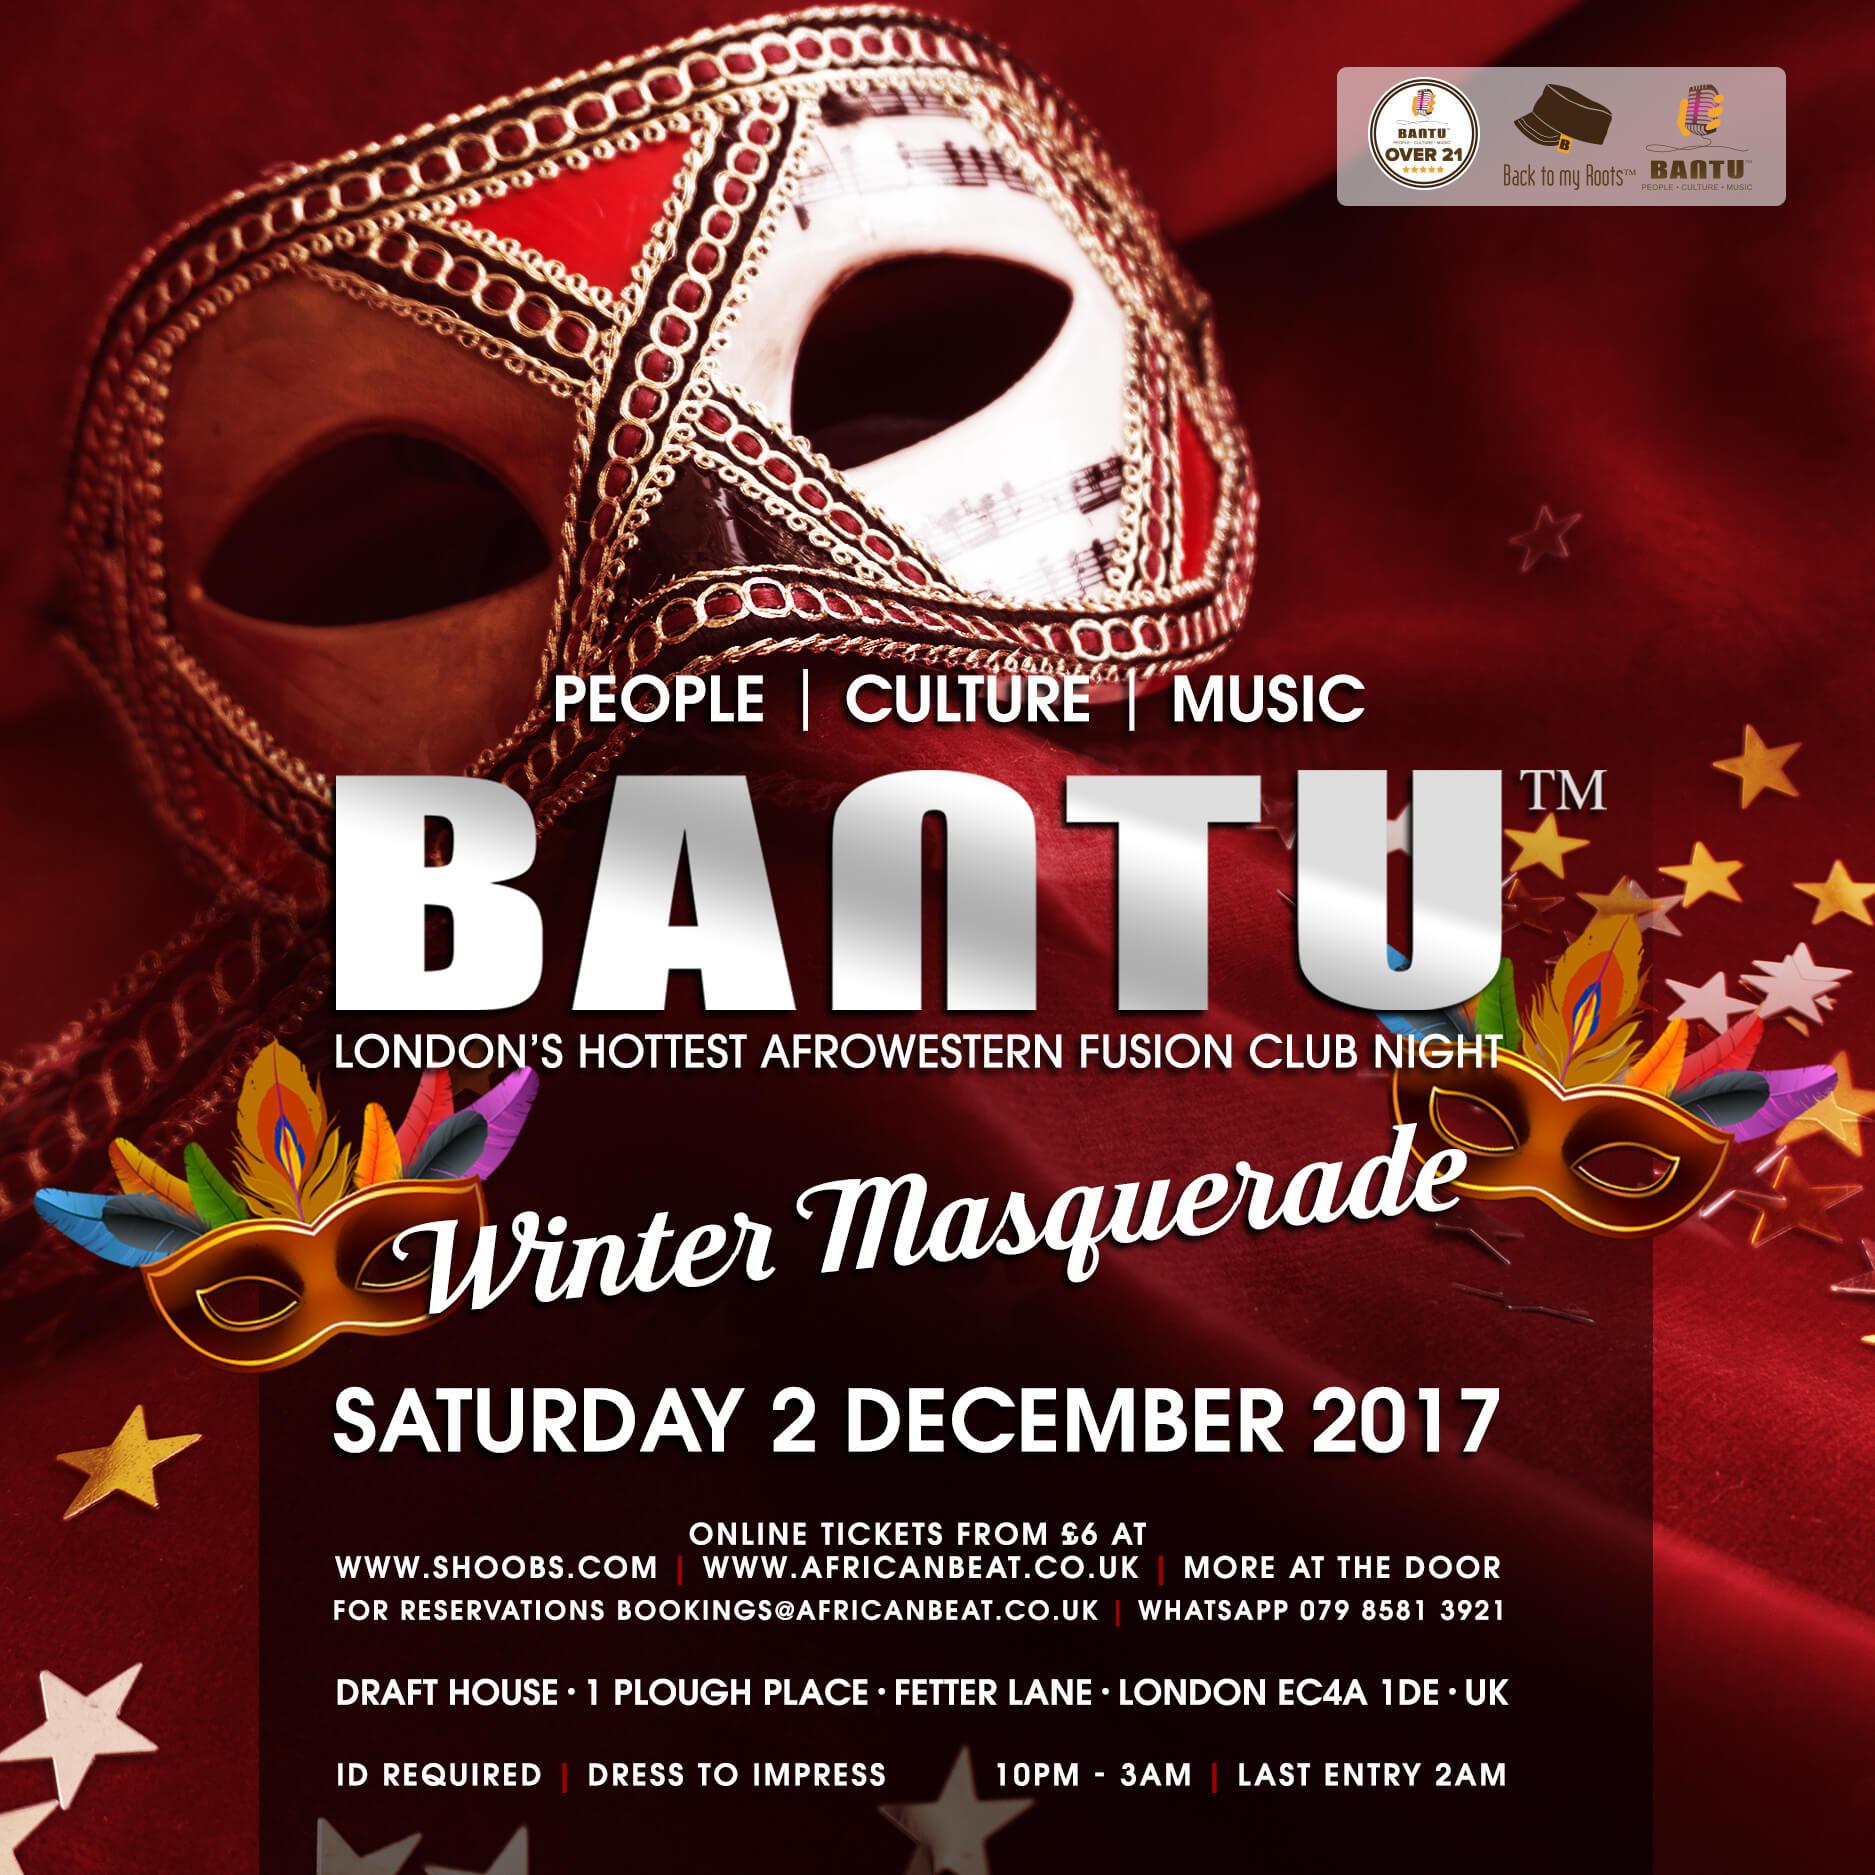 BANTU Winter Masquerade on Sat 2 Dec